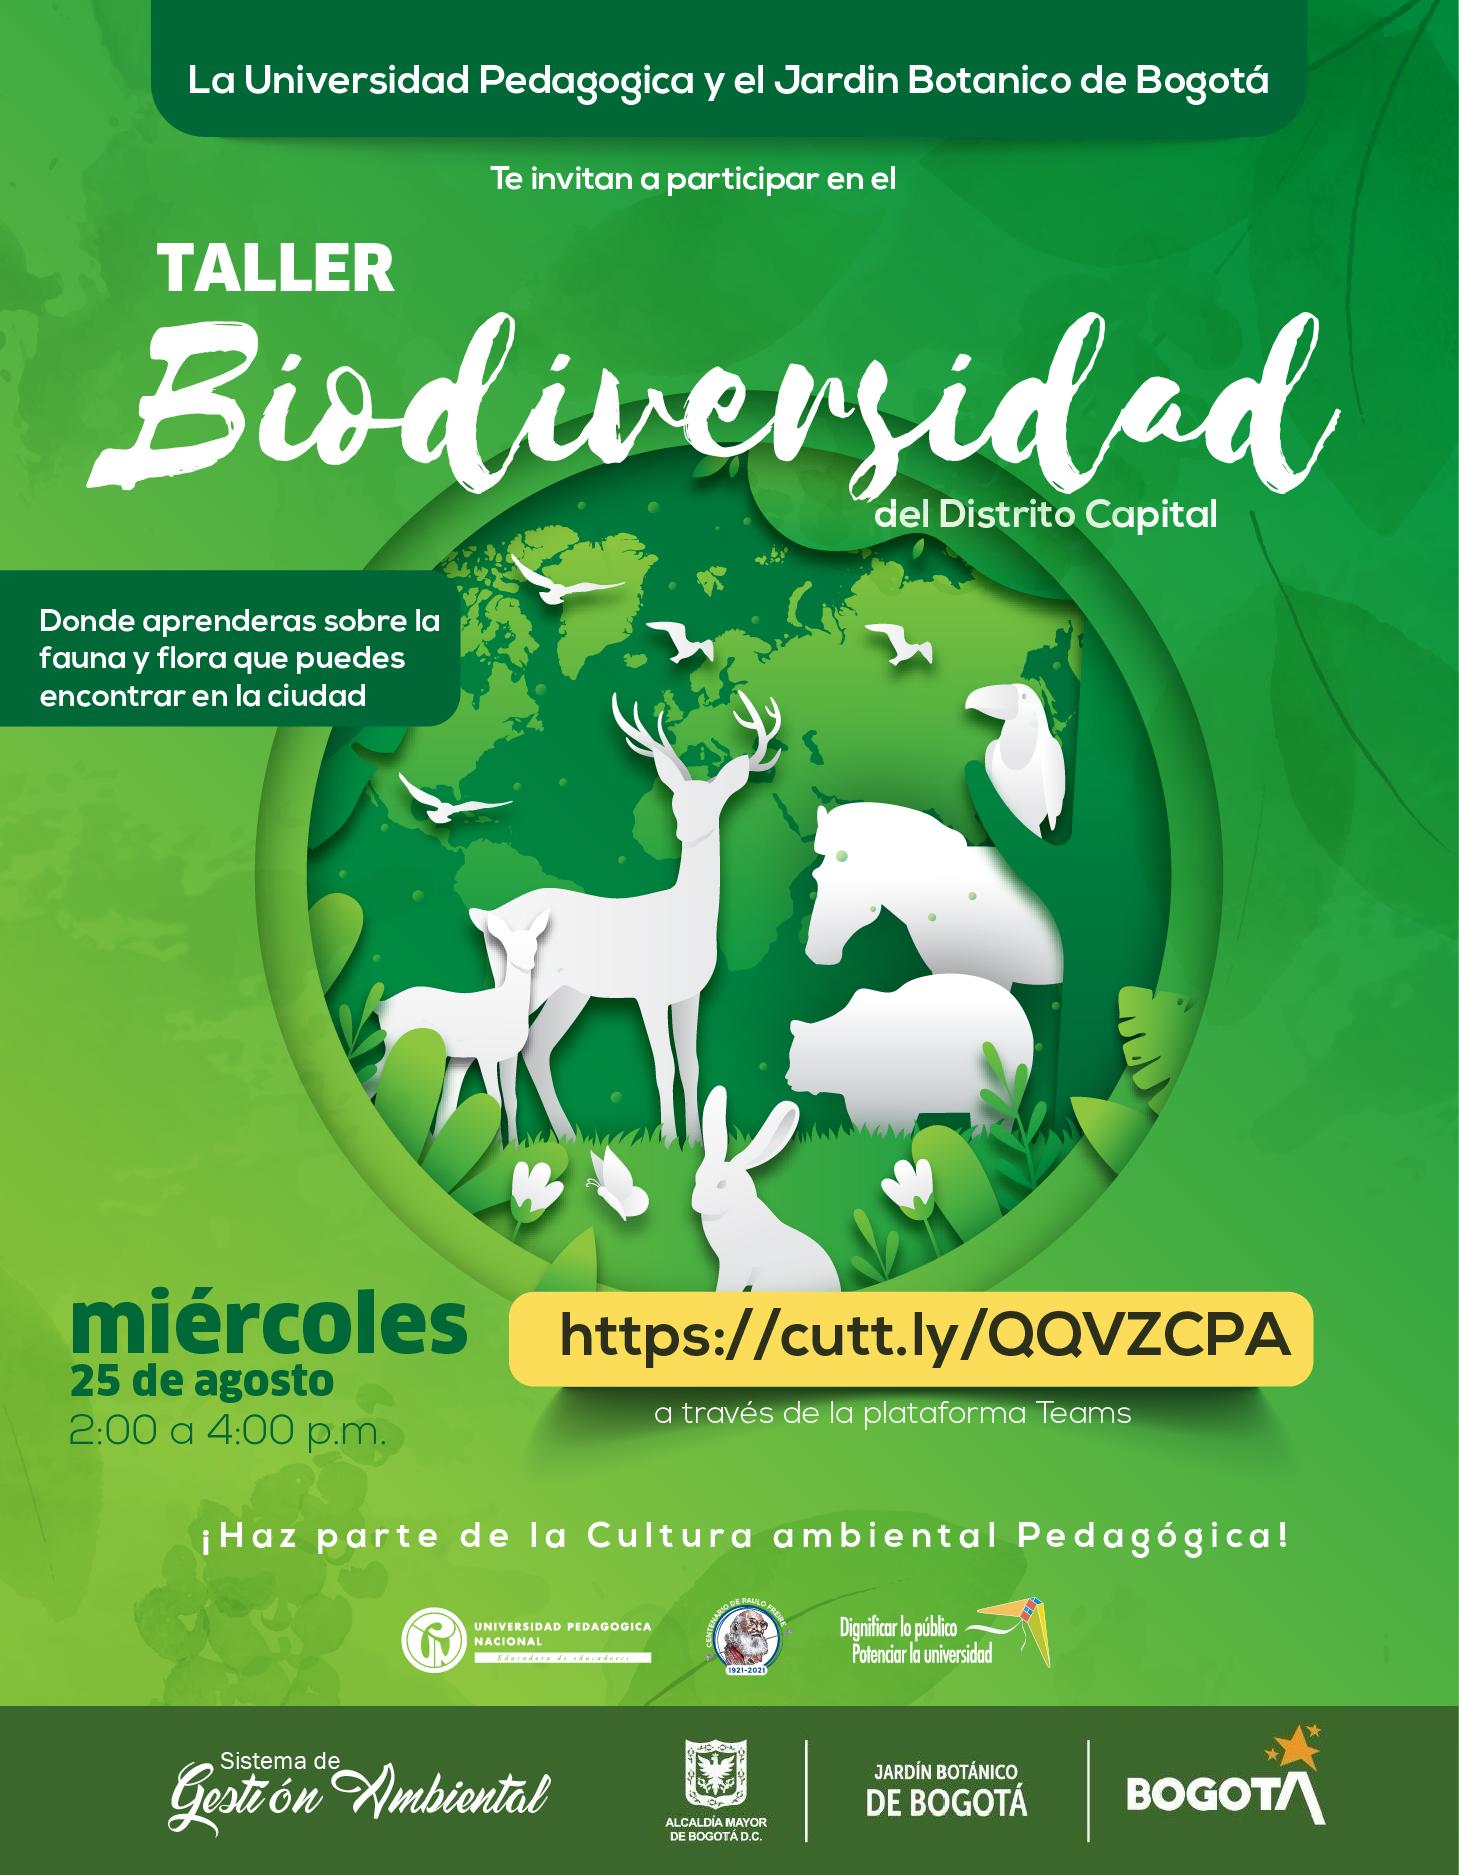 Taller Biodiversidad en el Distrito Capital